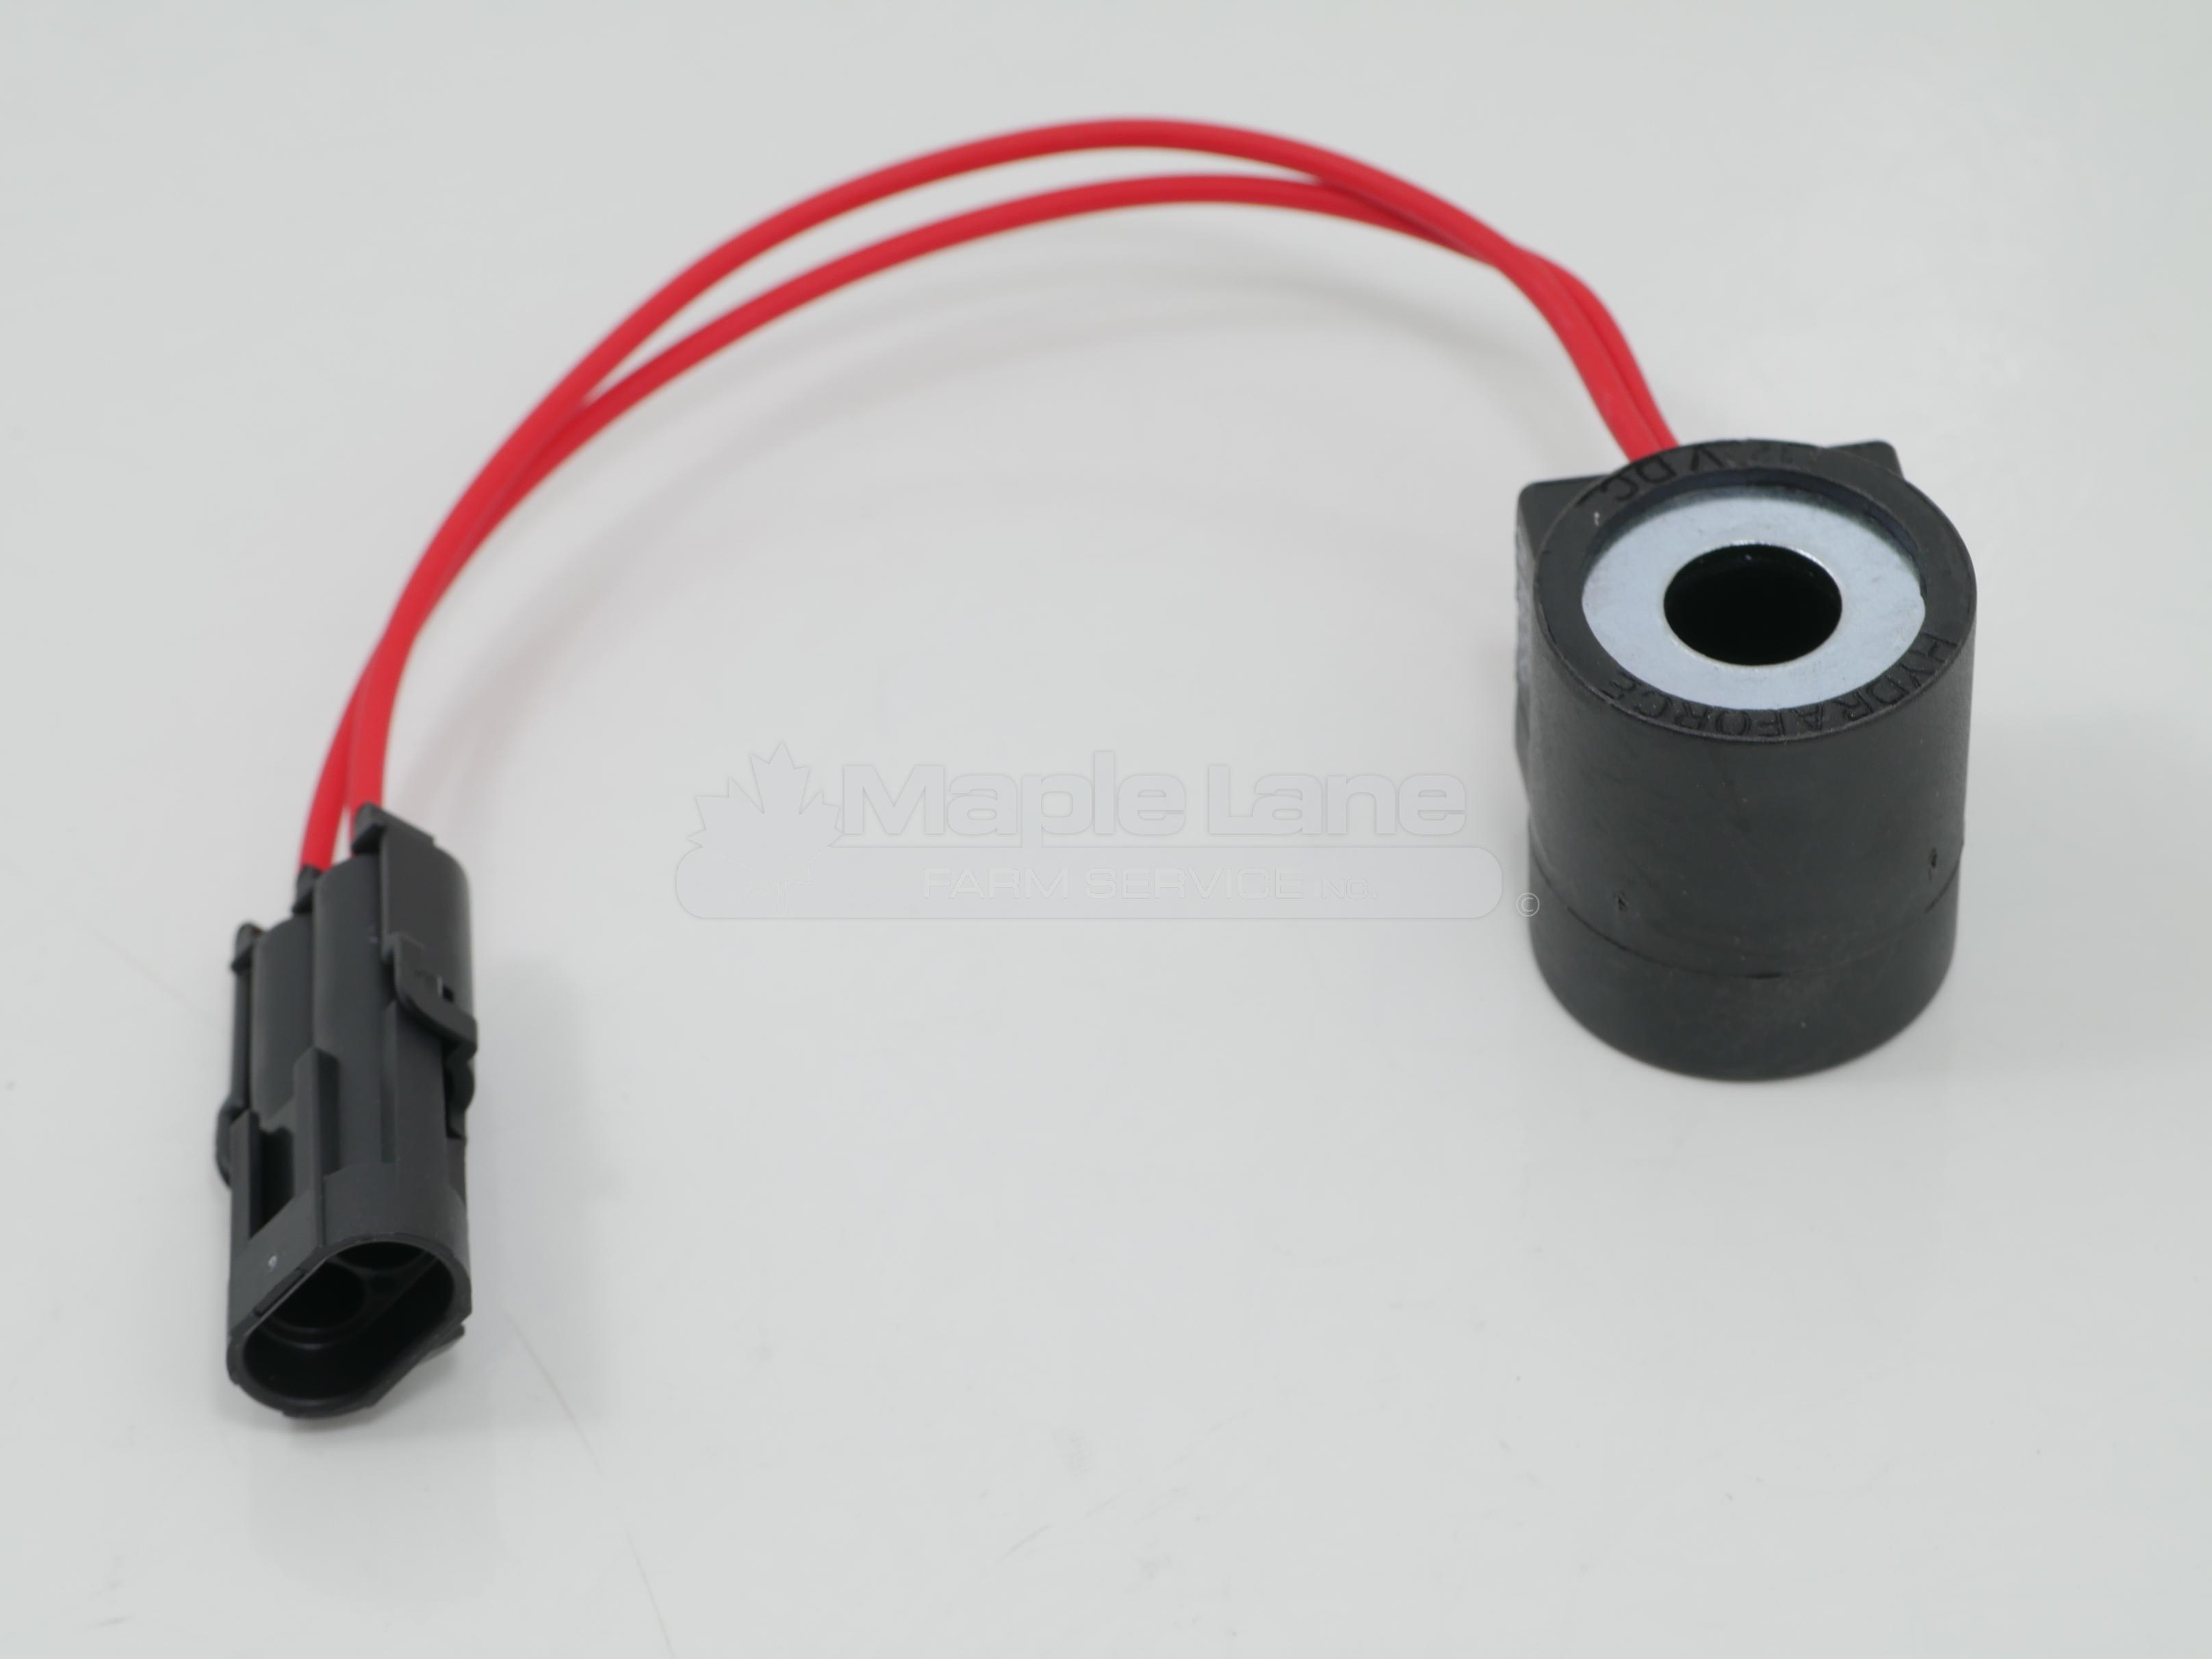 L99908 12v DC Weather Pack Coil